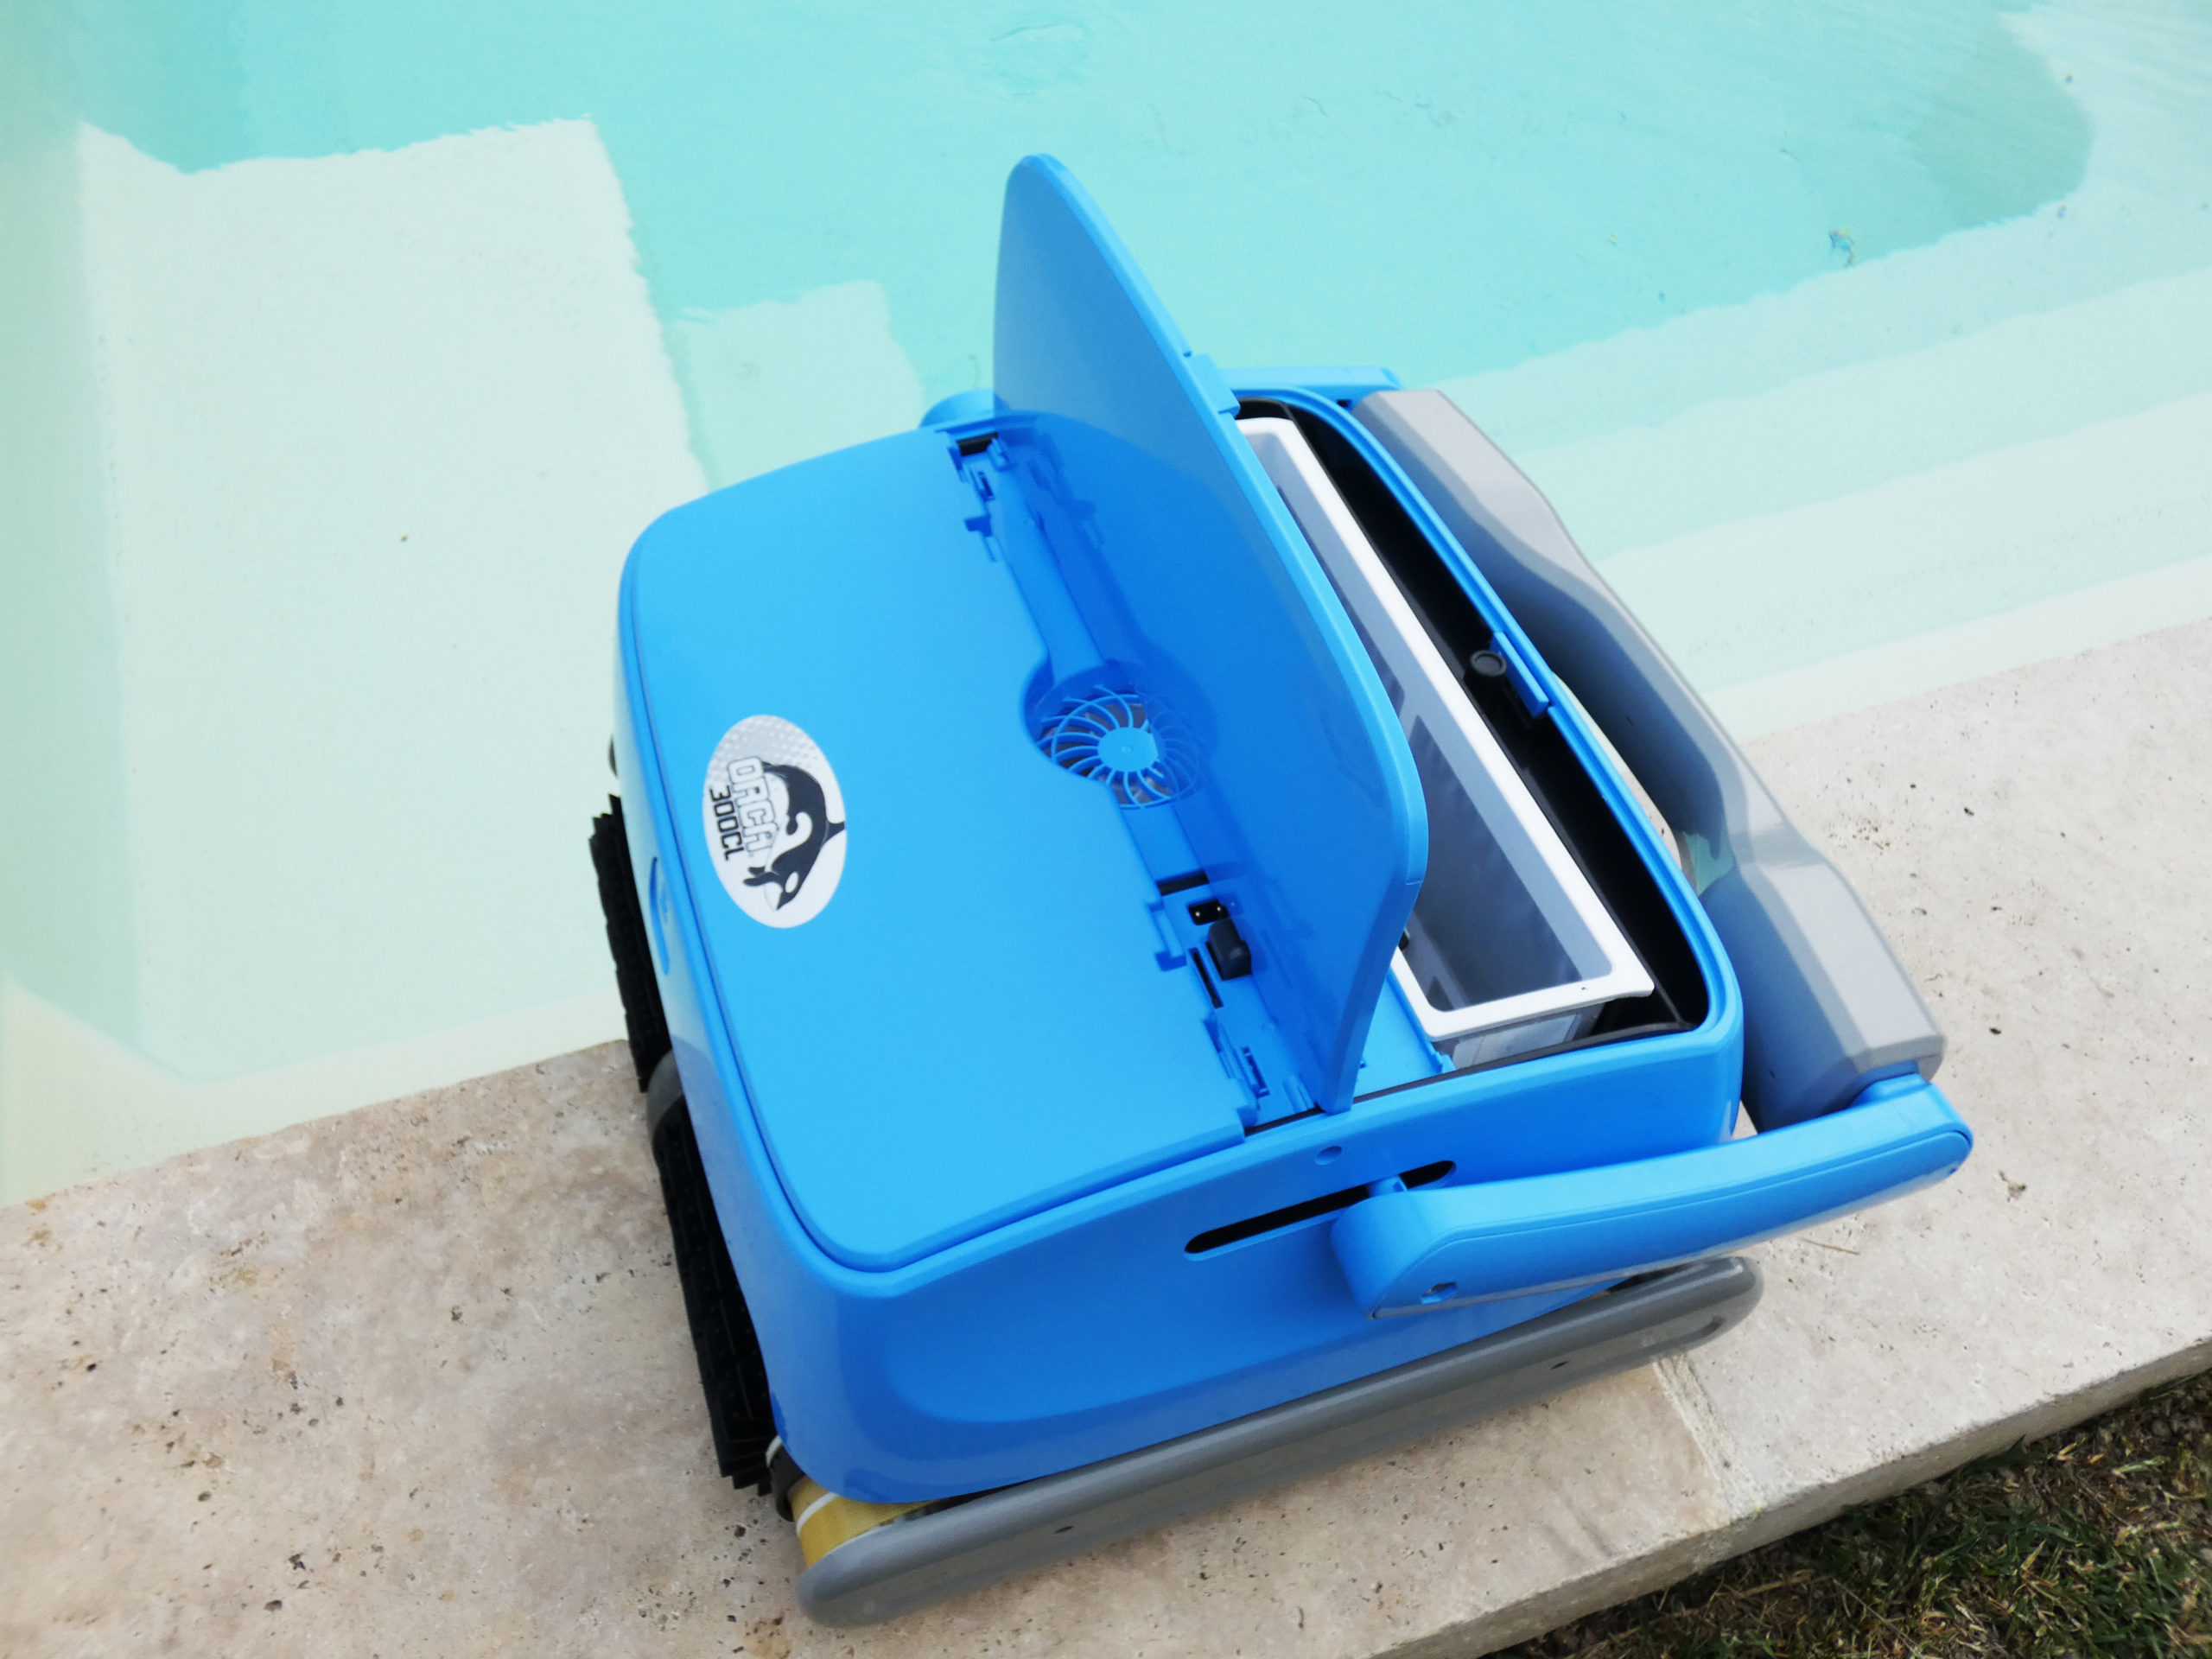 Robot piscine nettoyage fond parois et ligne d'eau Orca 250